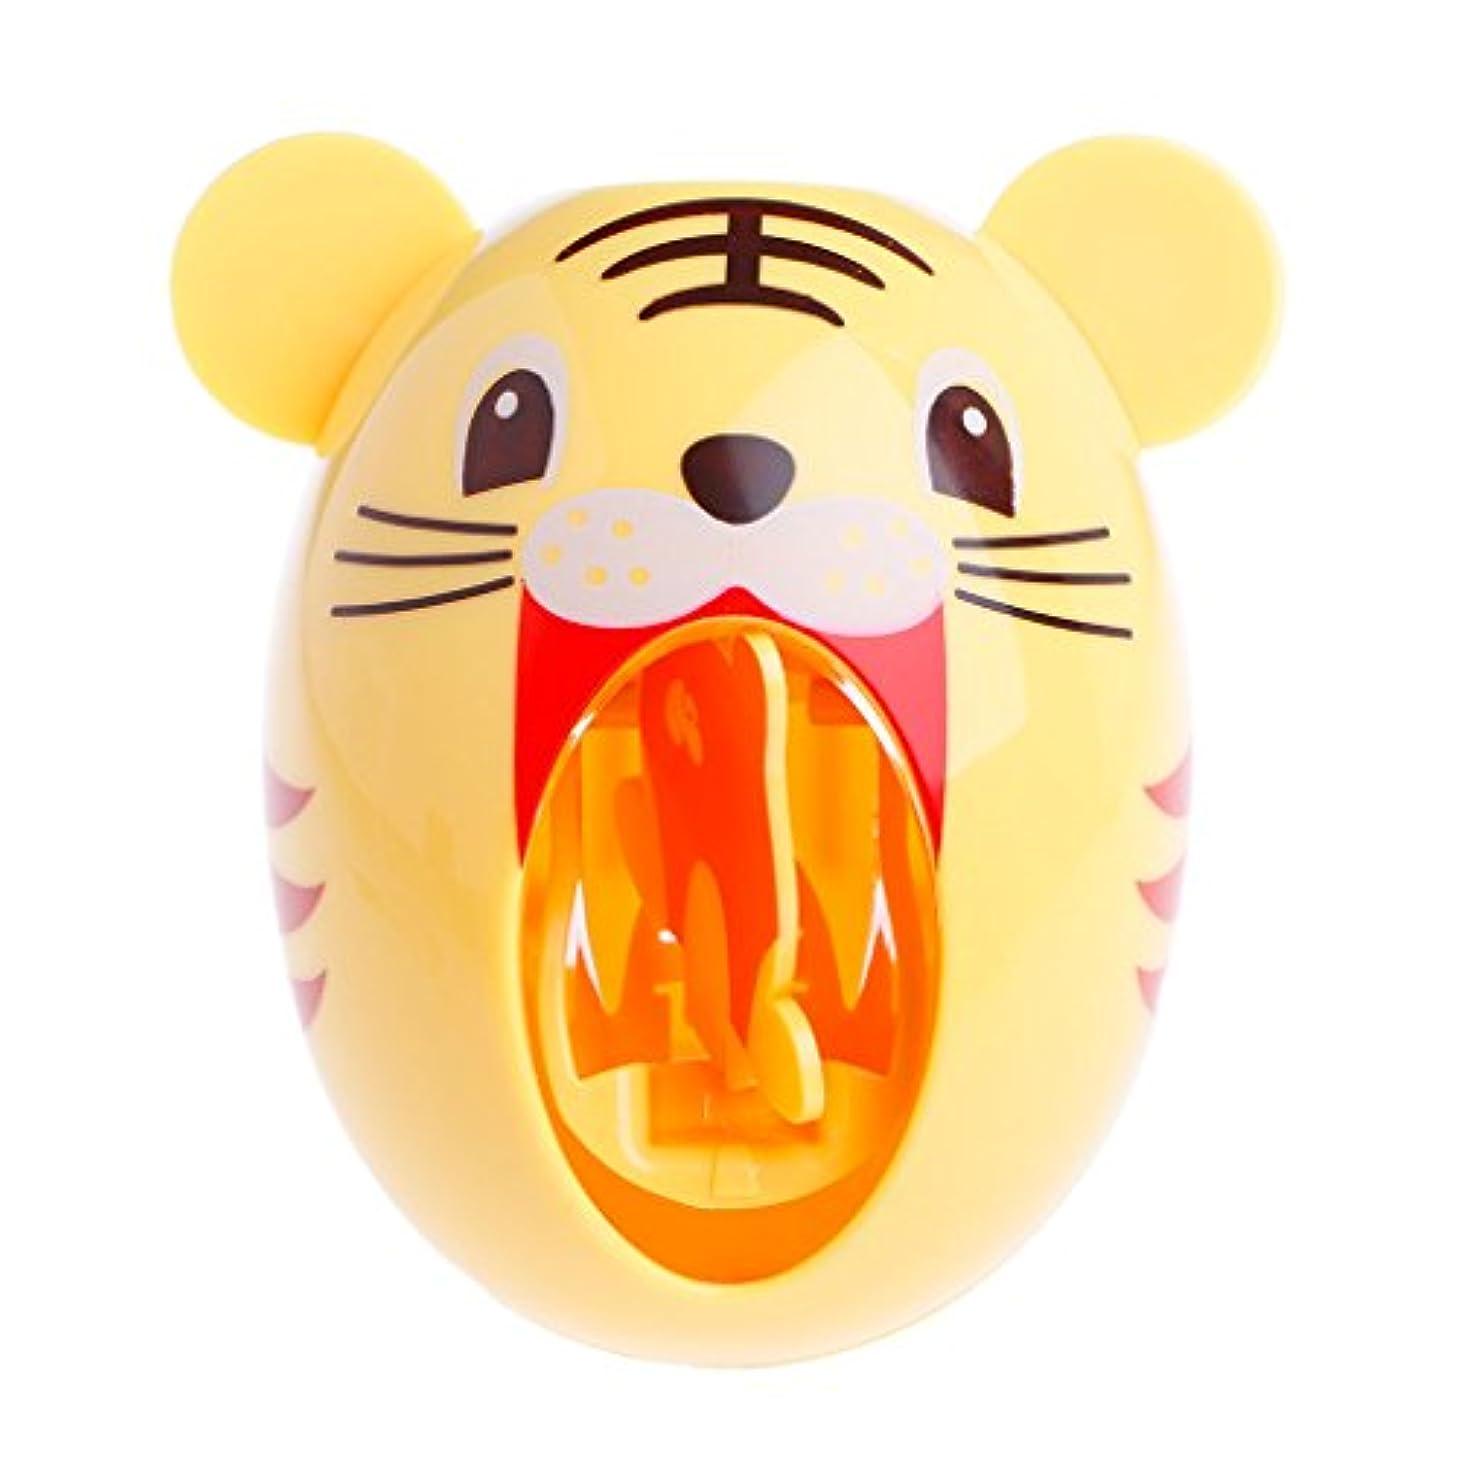 決定フック四分円Lamdooキッズかわいい漫画の動物デザイン歯ブラシホルダー自動歯磨き粉ディスペンス